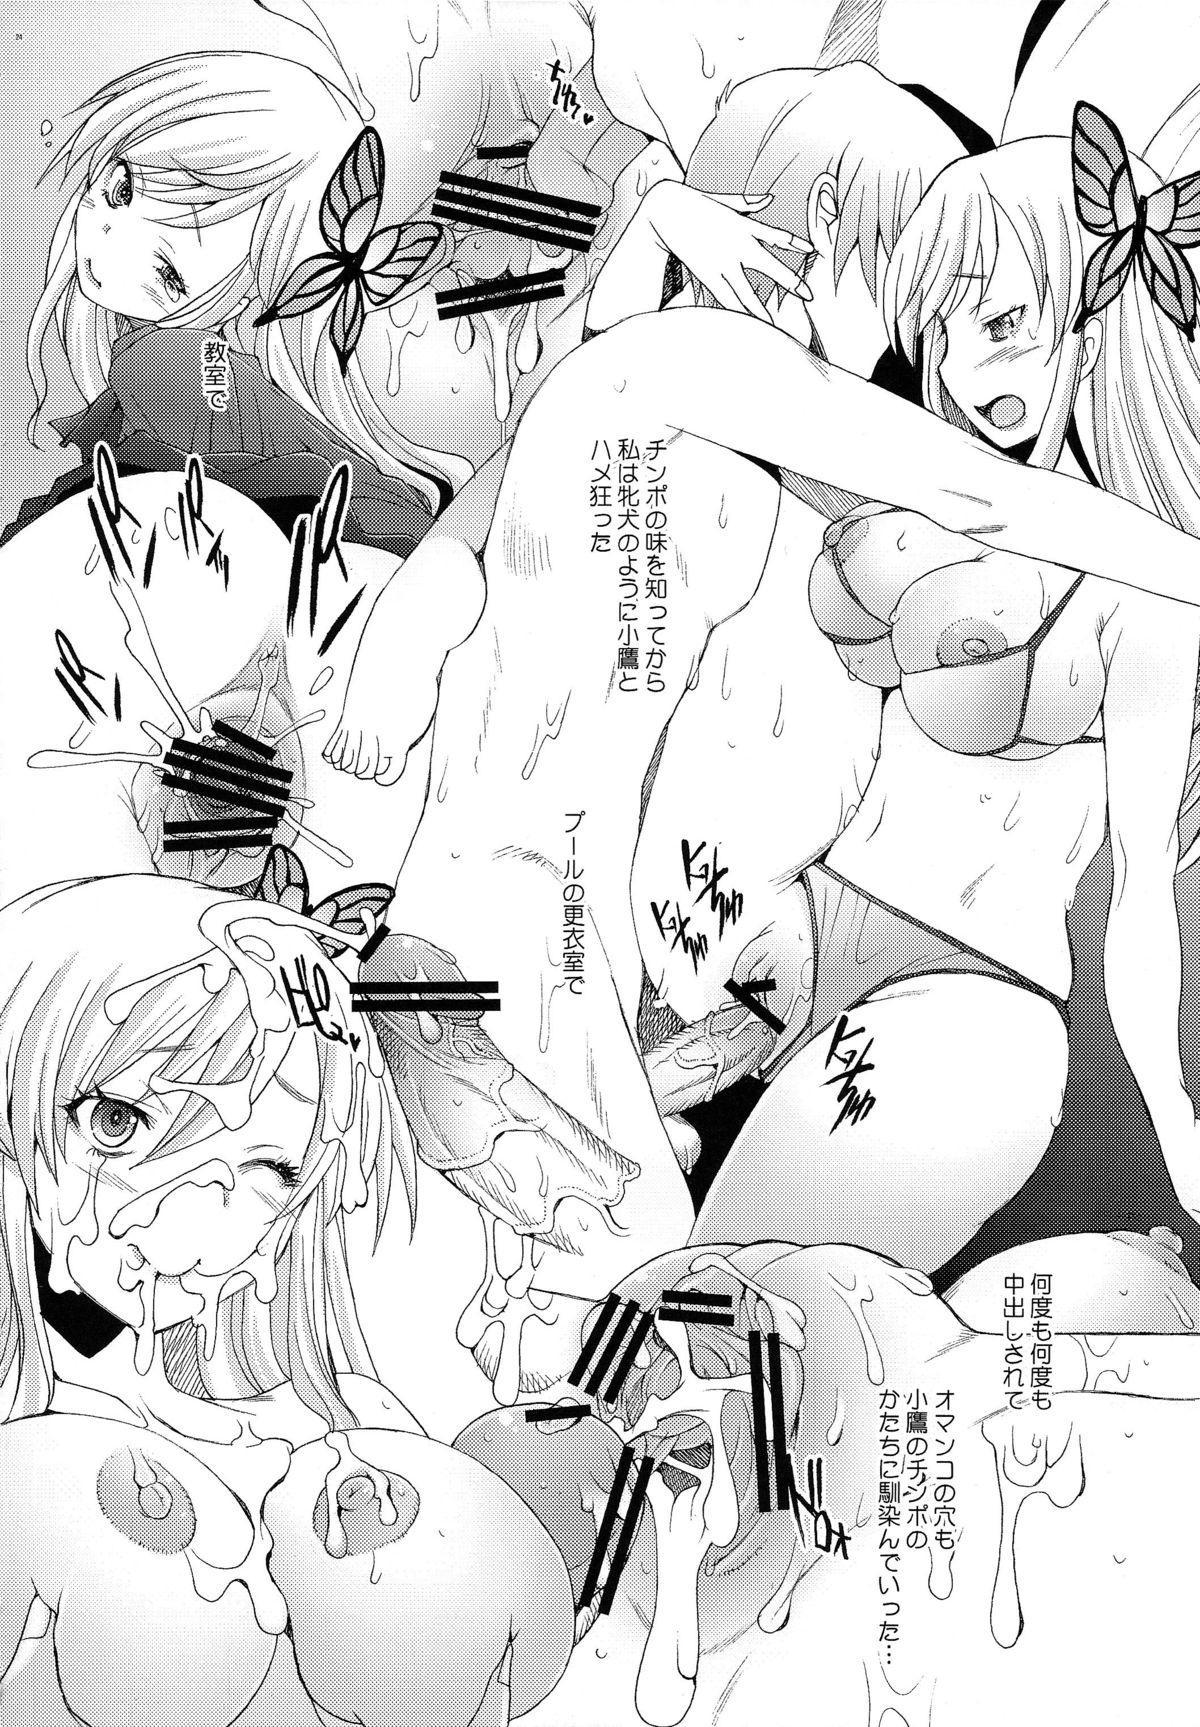 Boku wa Jiseishin ga Tarinai 23